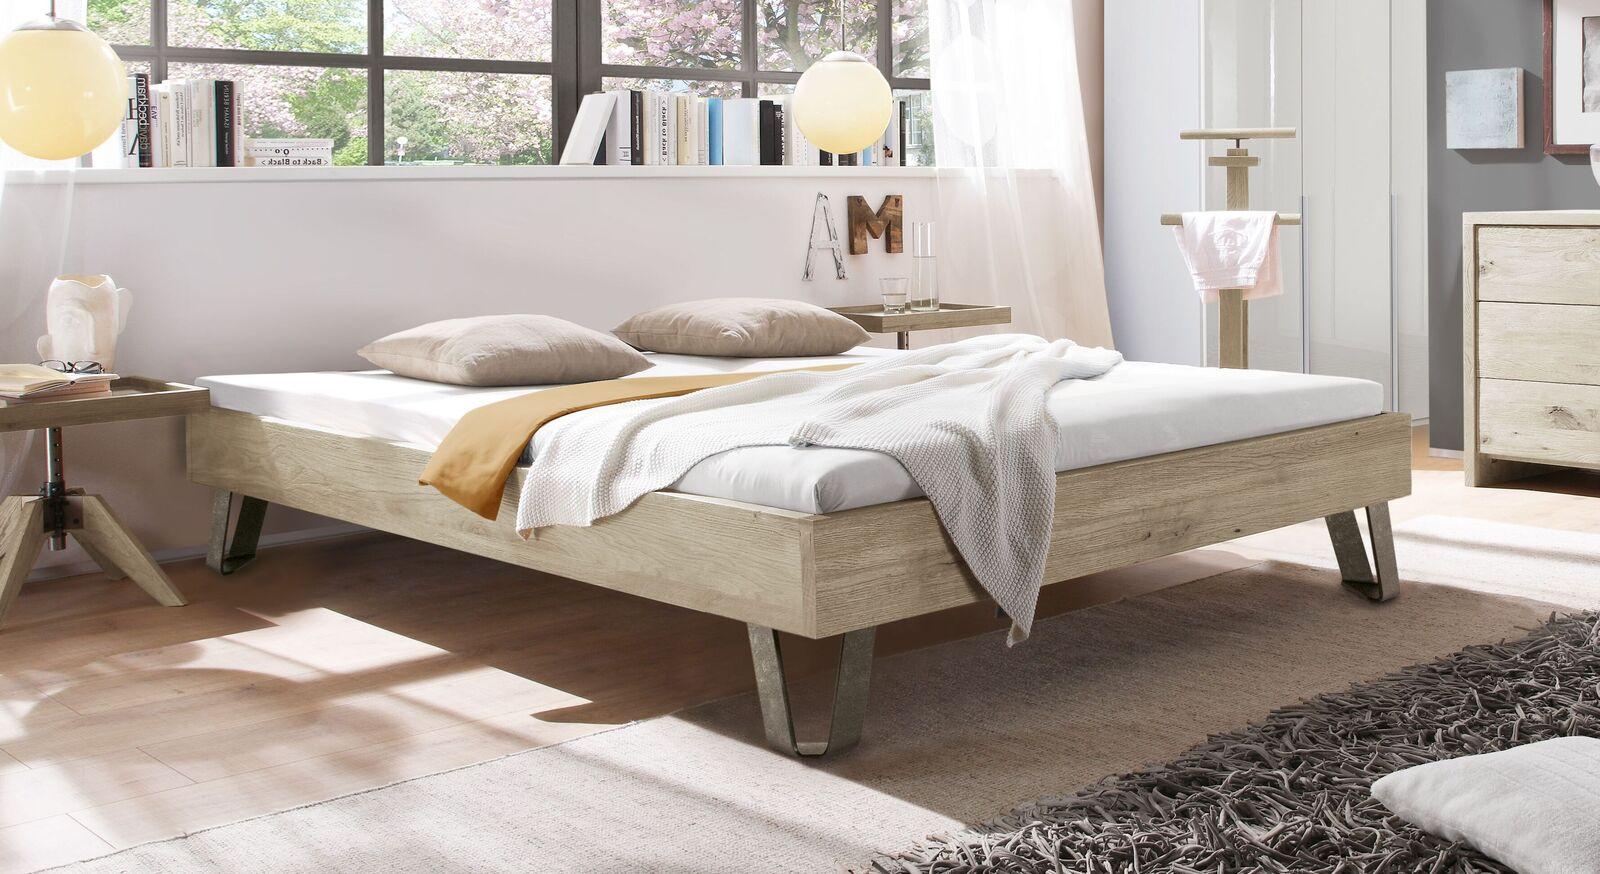 Moderne Liege Aveiros aus massivem Wildeichenholz